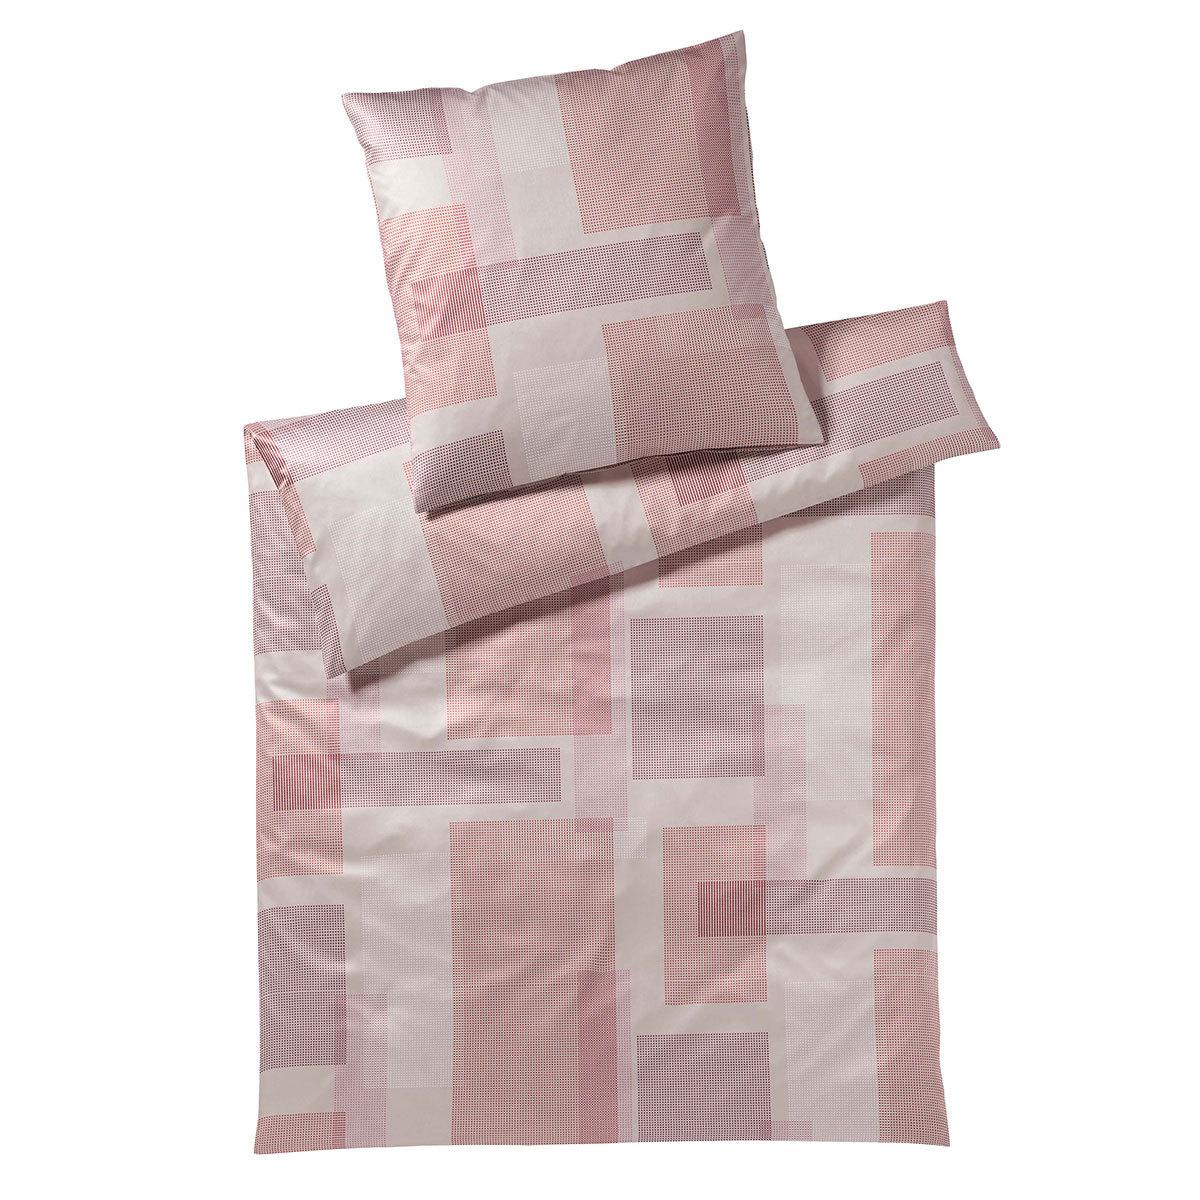 elegante jersey bettw sche dots blush g nstig online kaufen bei bettwaren shop. Black Bedroom Furniture Sets. Home Design Ideas